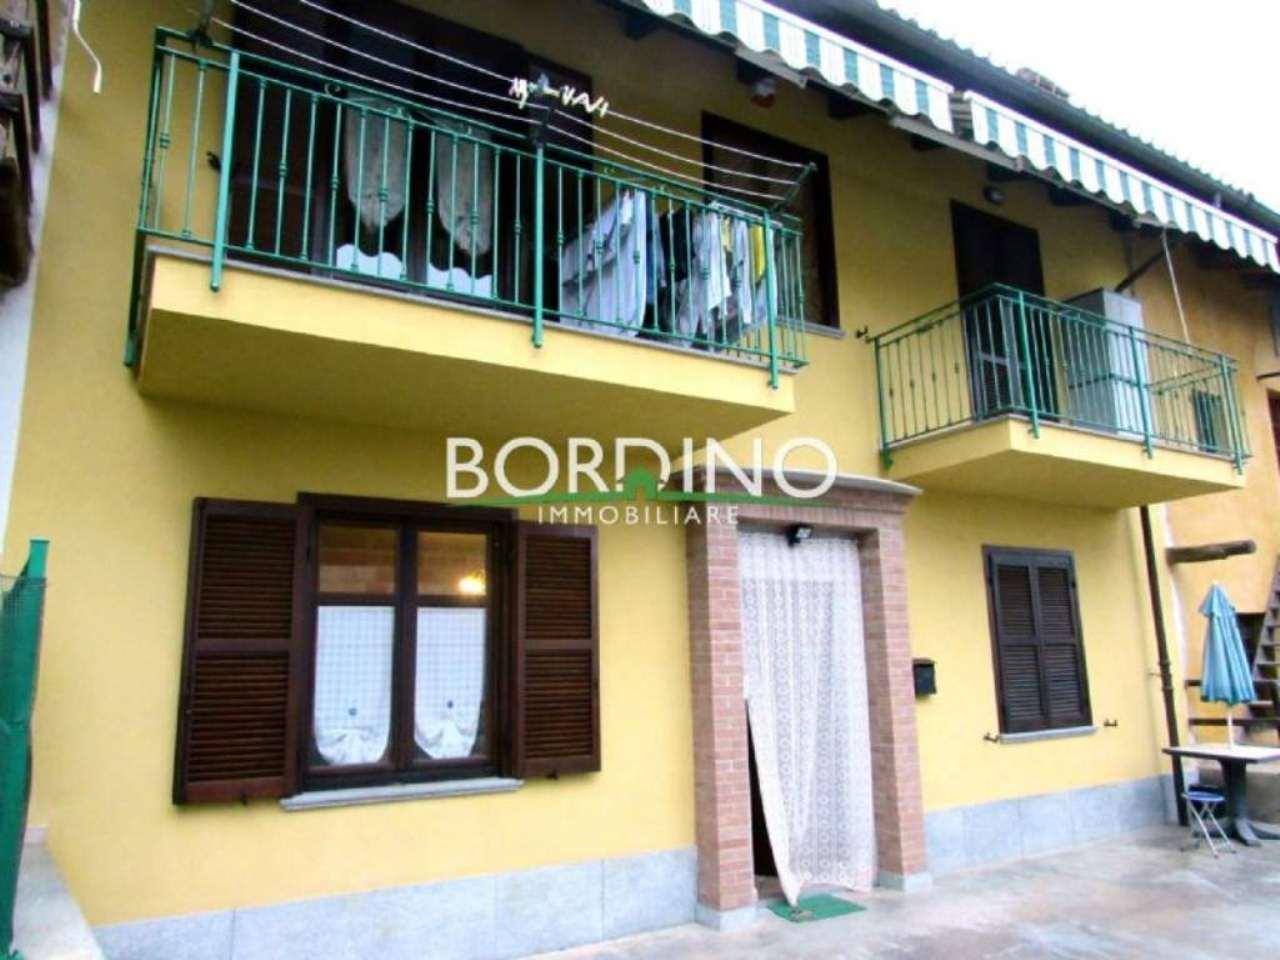 Soluzione Indipendente in vendita a Cisterna d'Asti, 4 locali, prezzo € 85.000 | Cambio Casa.it